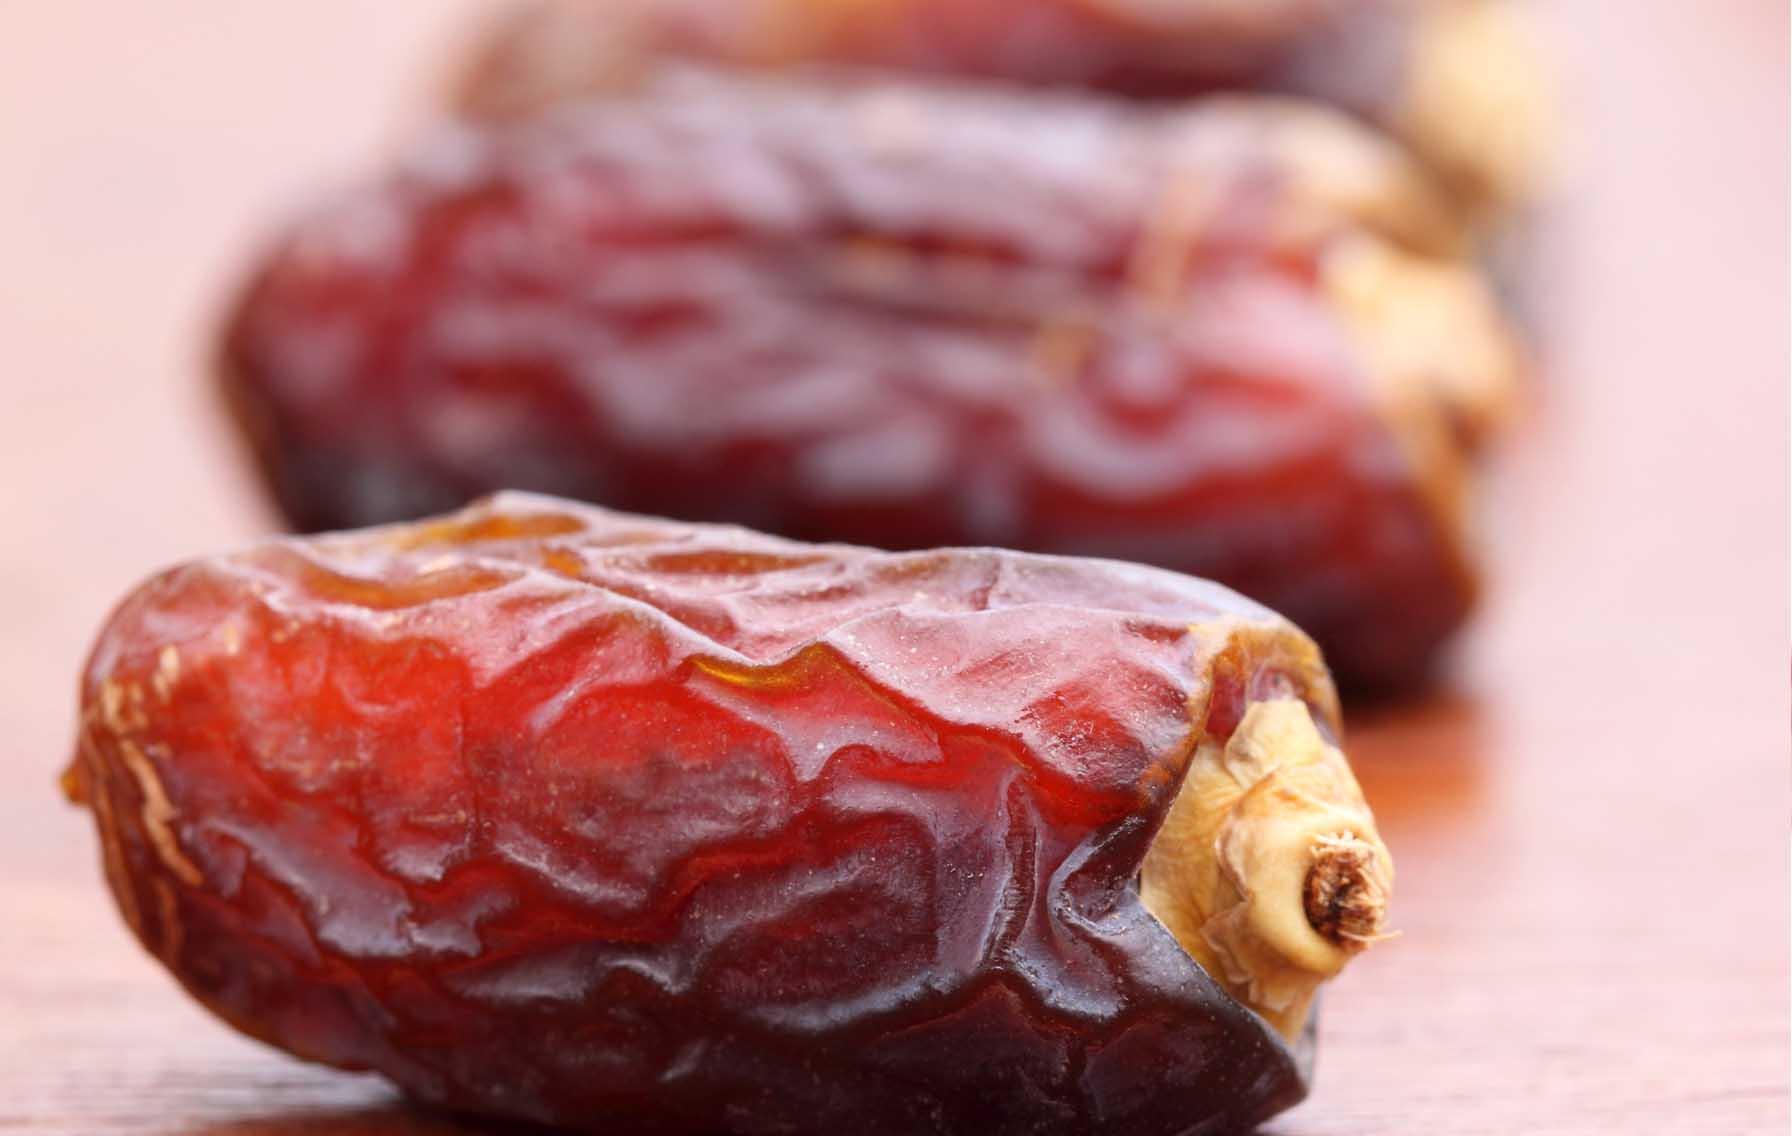 خواص شگفت انگیز میوه بهشتی که نامش 20 بار در قرآن تکرار شده است